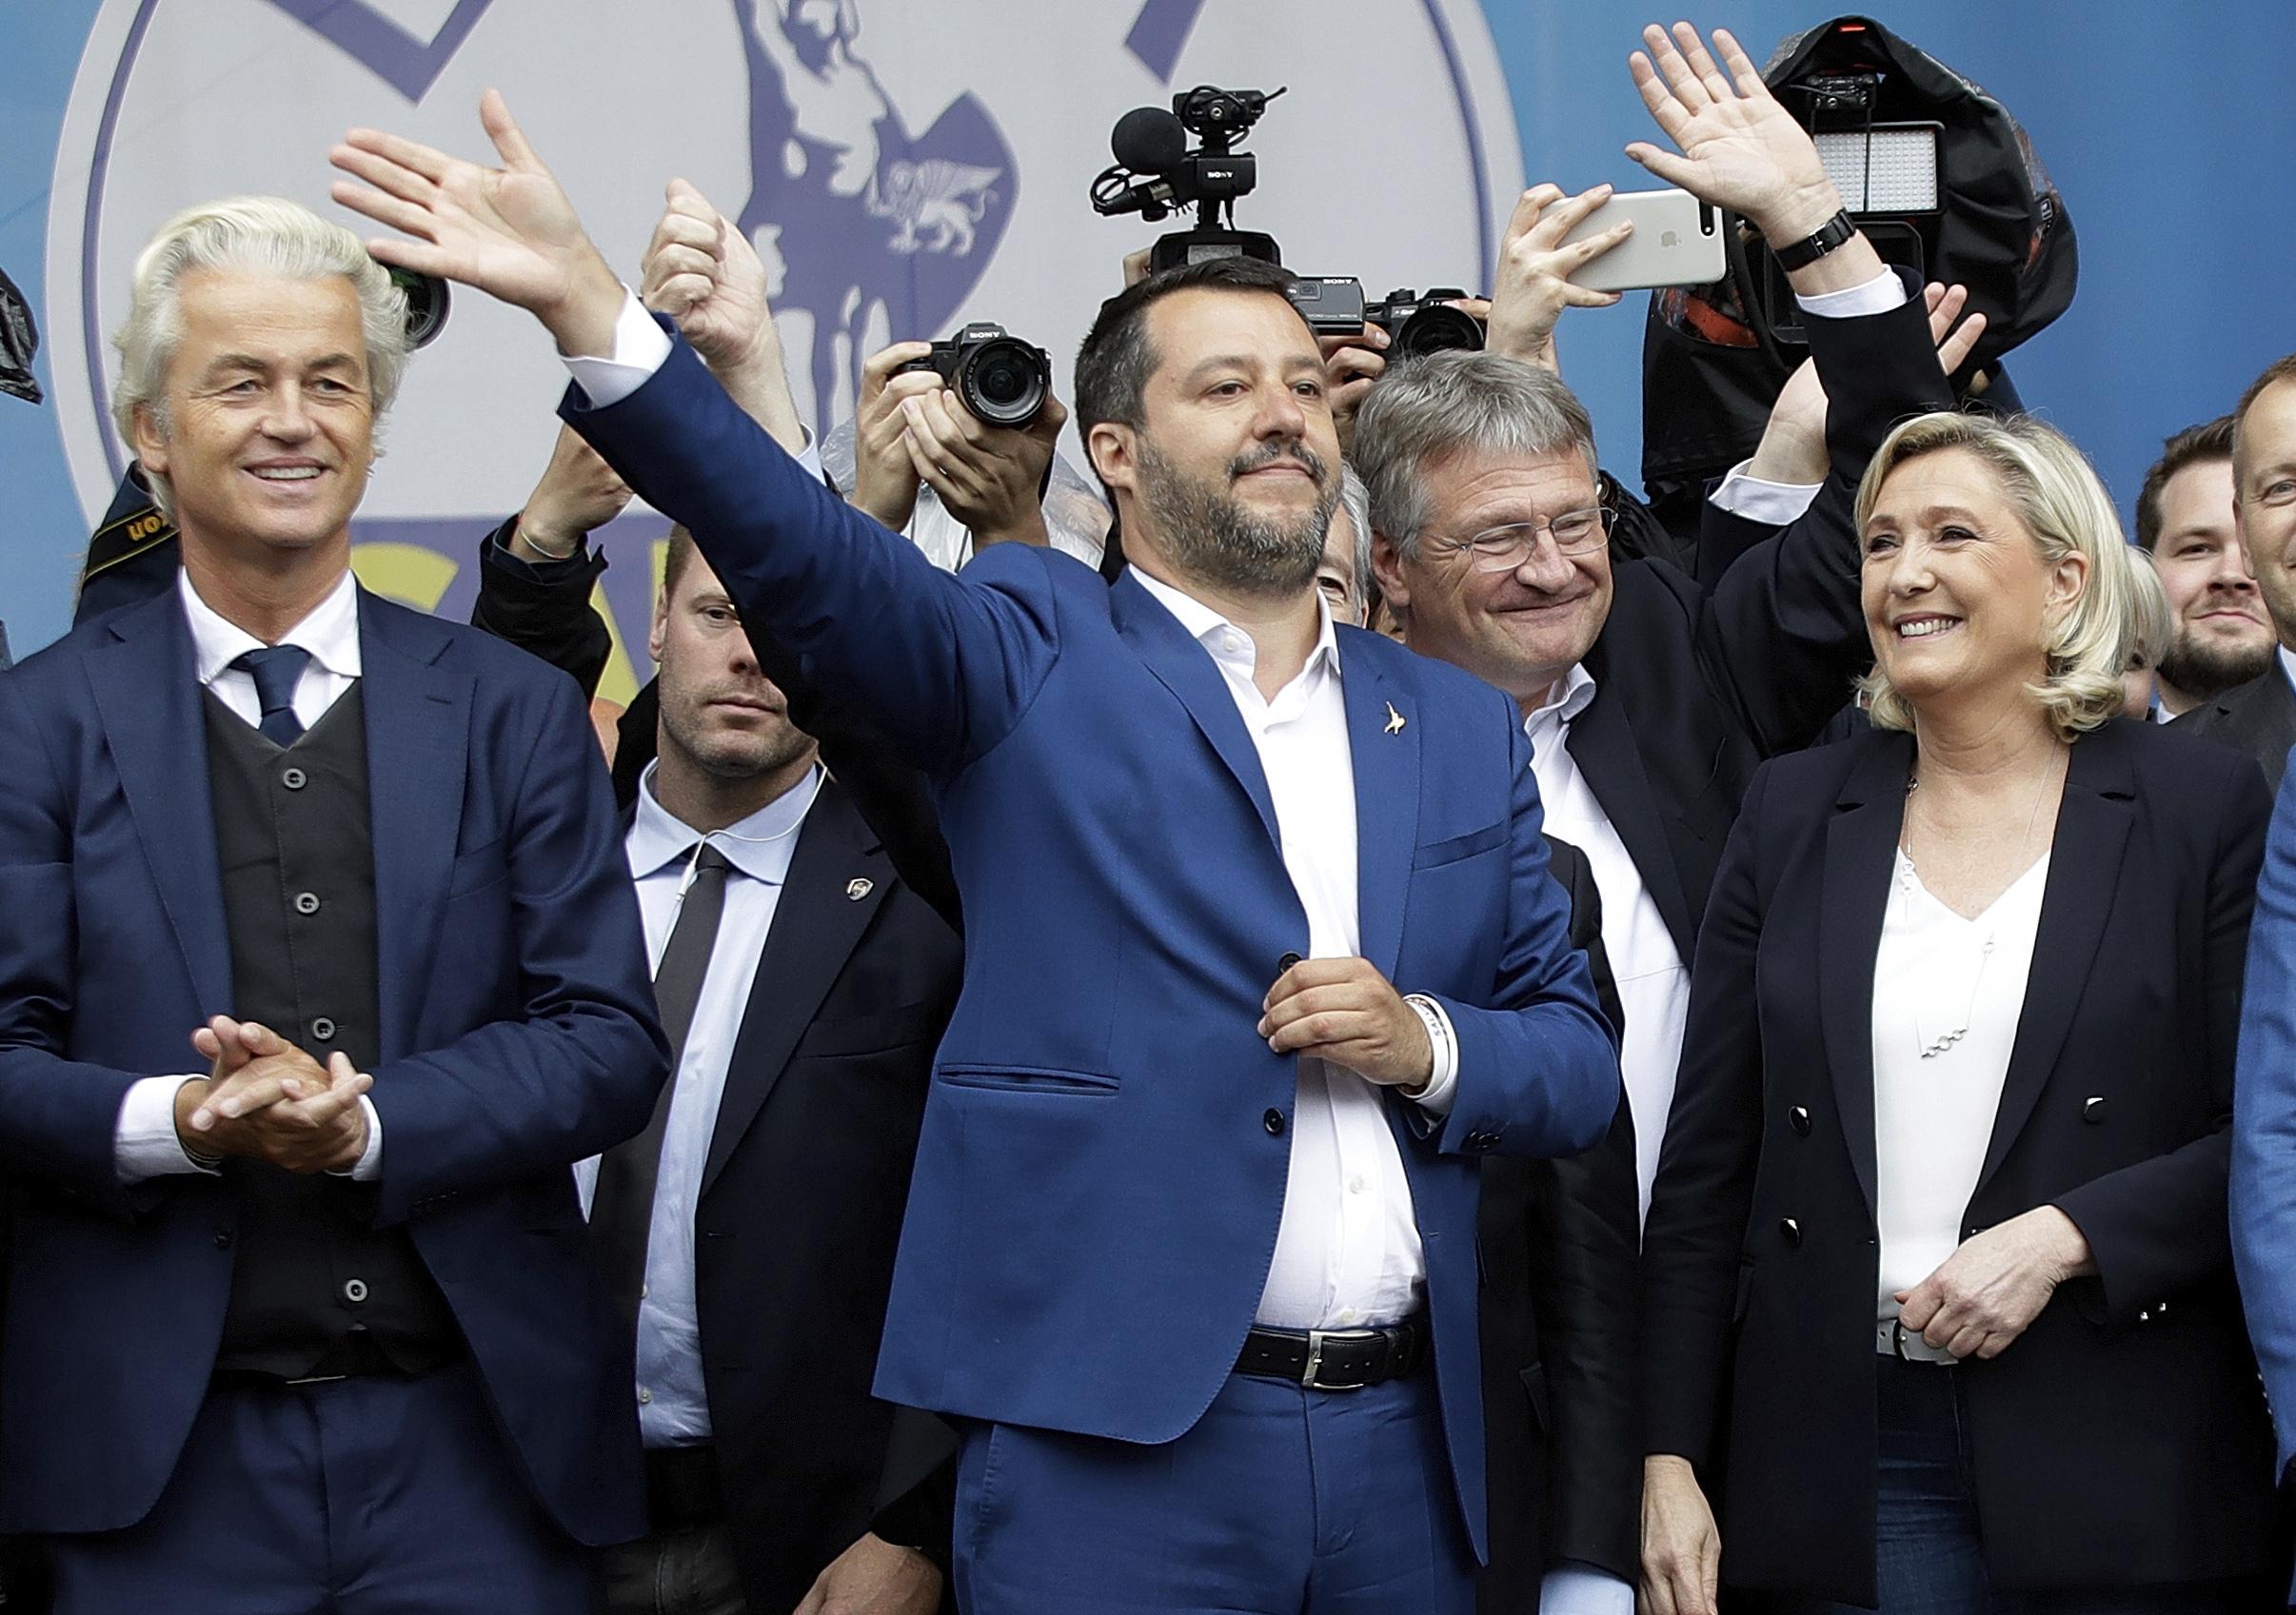 'New era': Far-right populists surge in polls ahead of EU Parliament elections